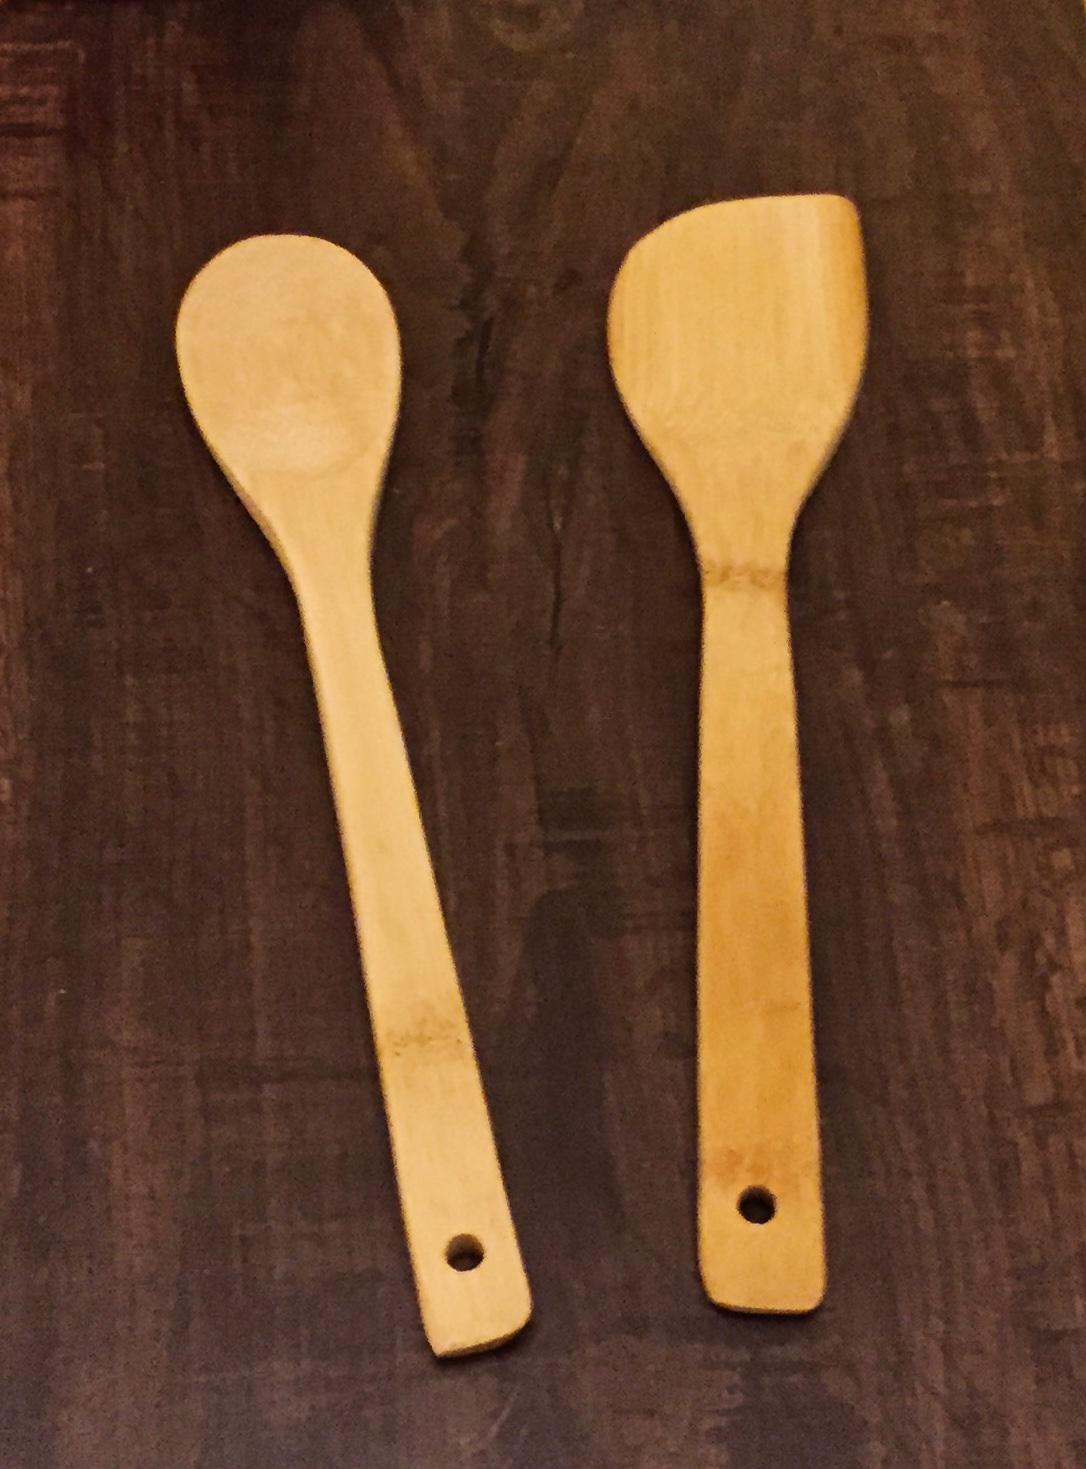 IMG 1556 - On a testé : Les ustensiles de cuisine en bambou Artecsis